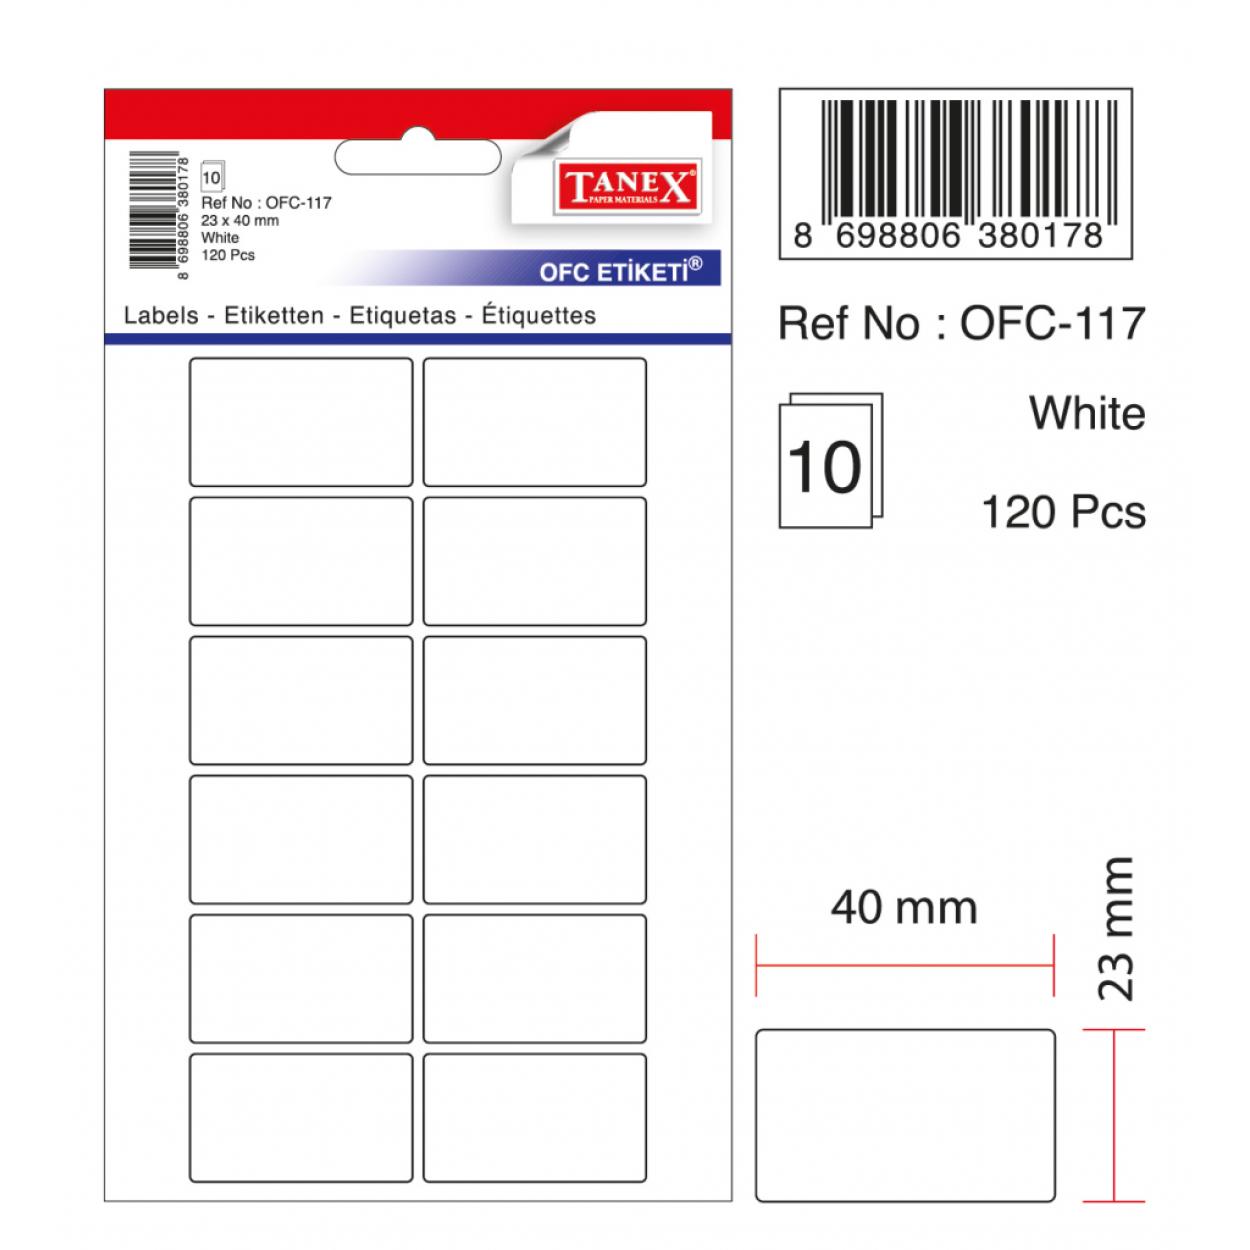 Tanex Ofc-117 Beyaz Ofis Etiketi